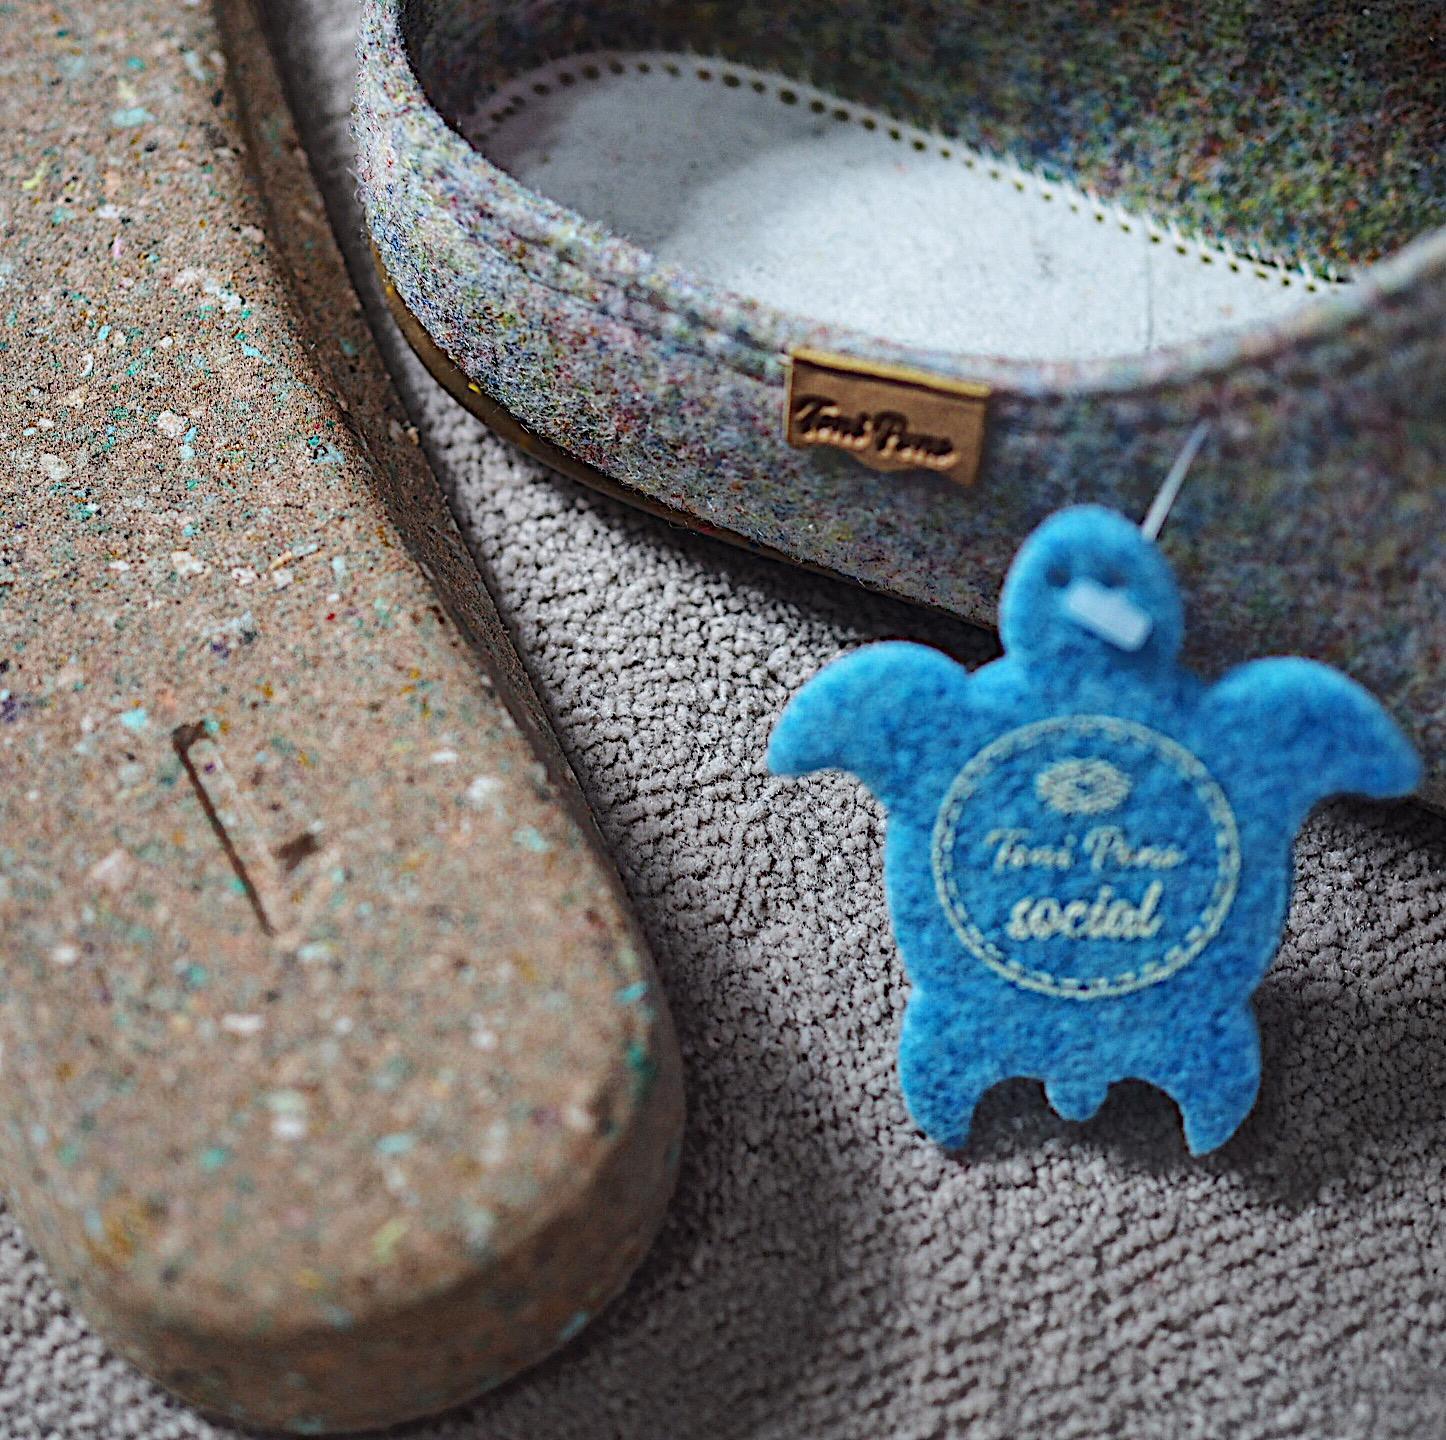 Zapatillas Toni Pons recicladas